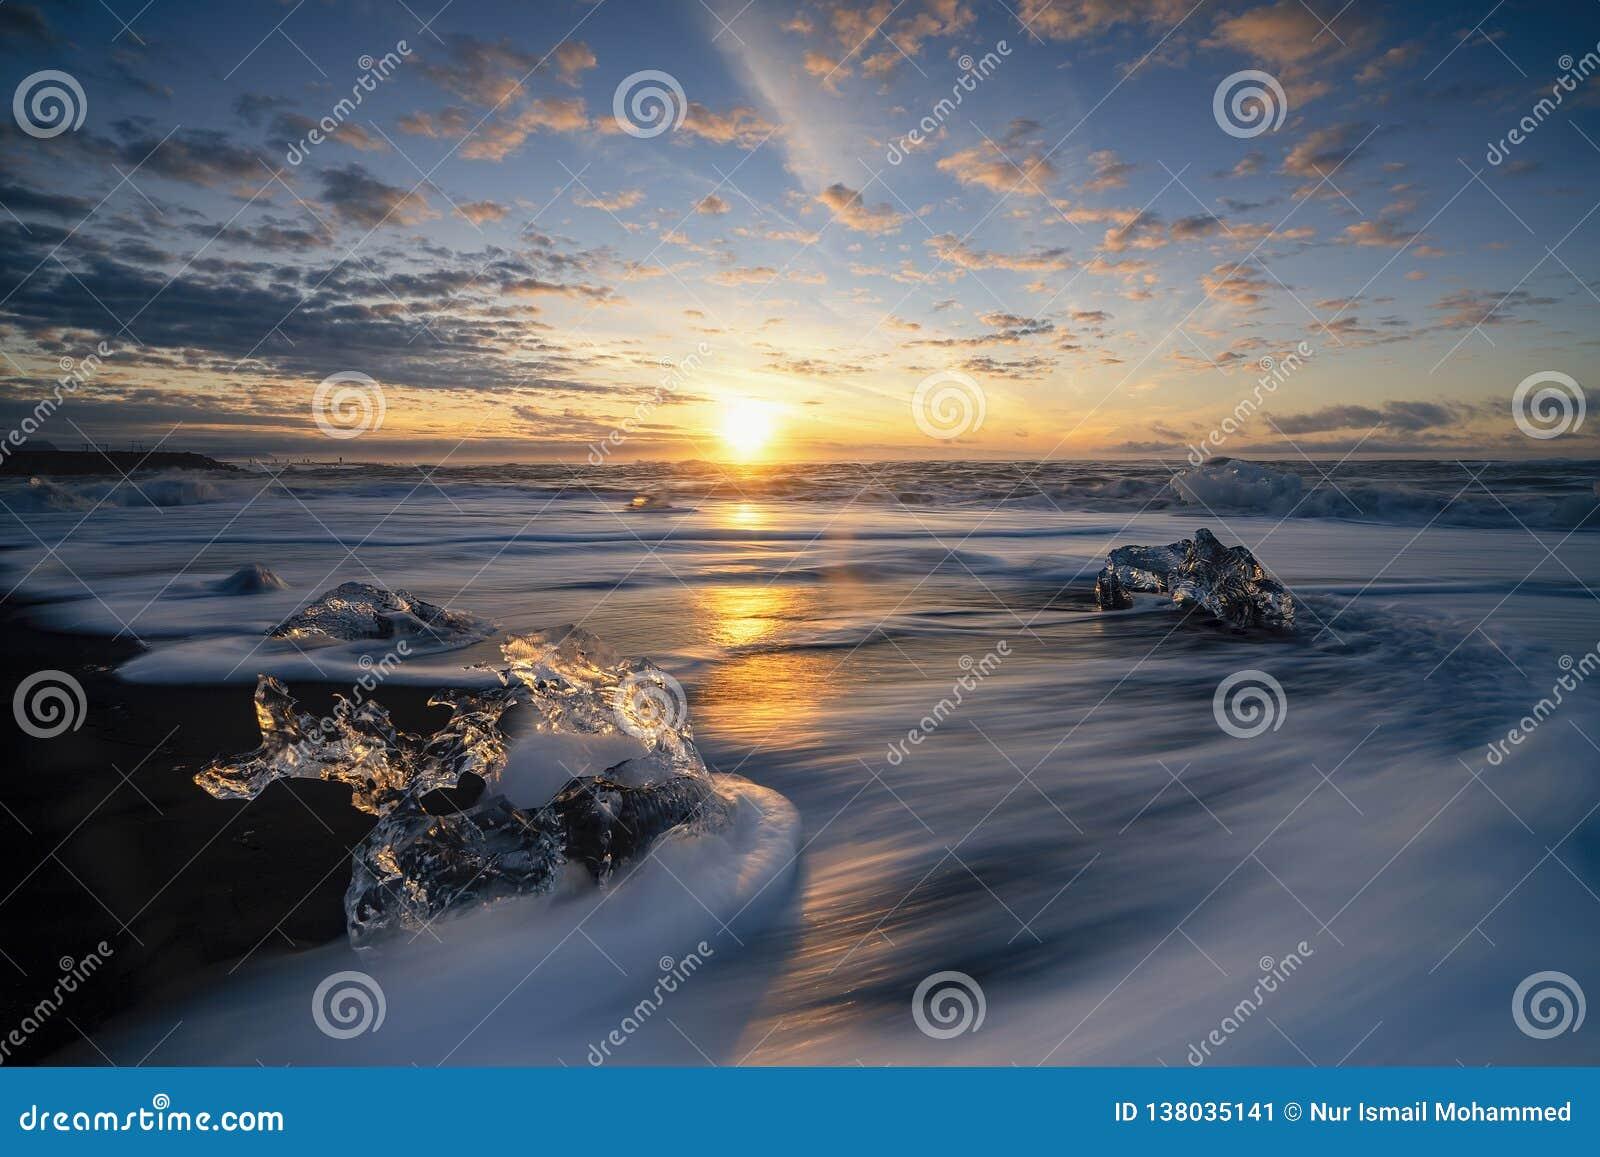 Wściekać się macha niszczących lodowych bloki przy wschód słońca na diament plaży